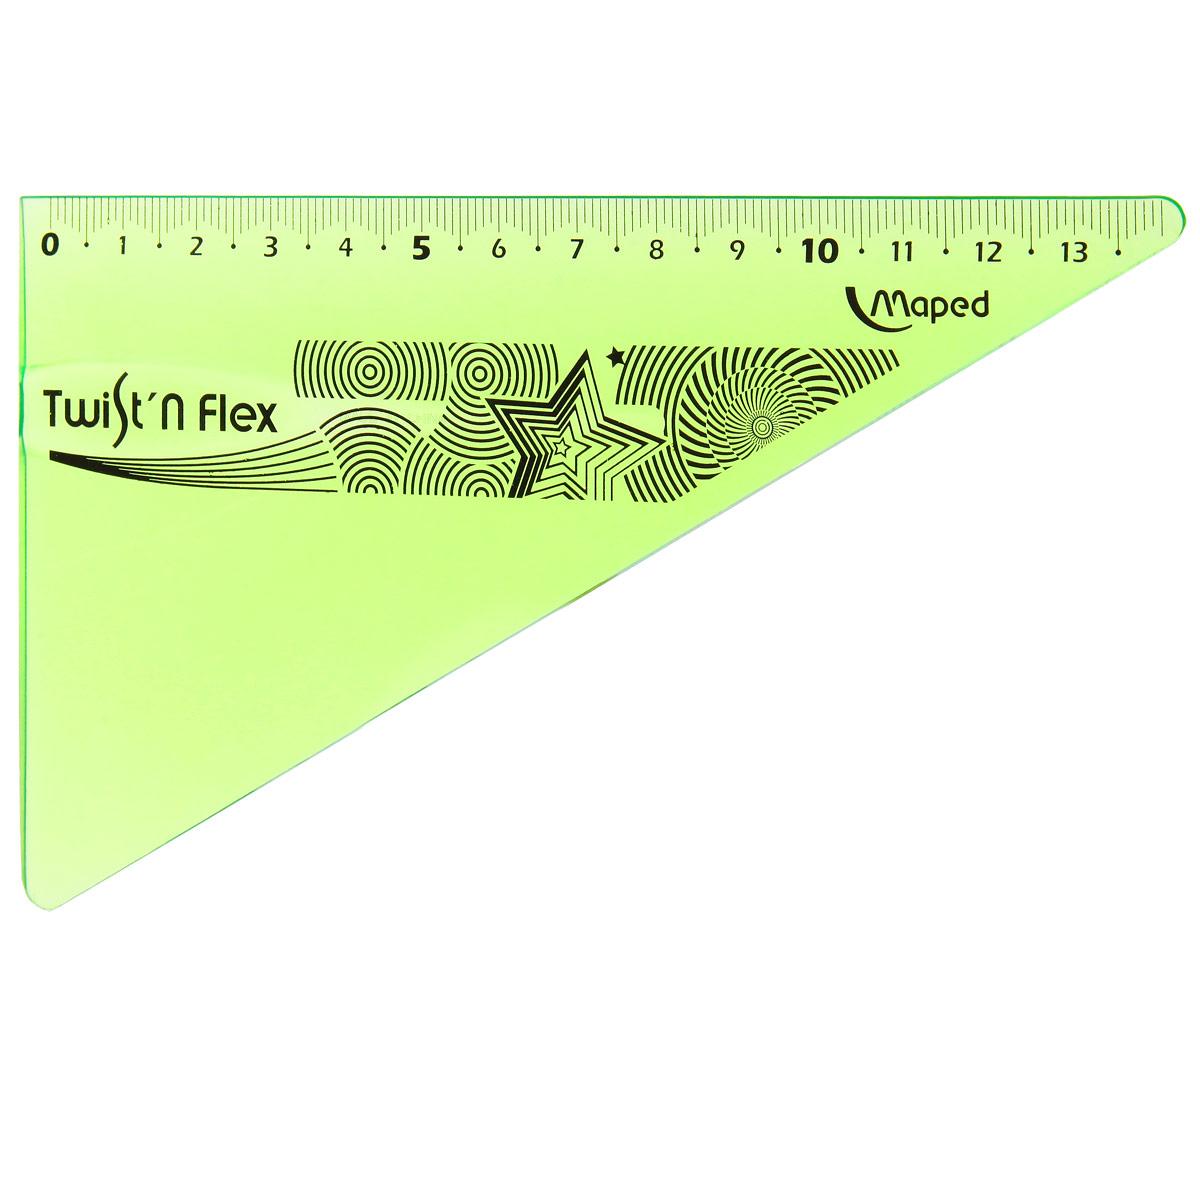 Угольник Maped Twist-n-Flex, неломающийся, 14 см, цвет: салатовыйPP-220Гибкий неломающийся угольник Maped - это не только необходимый в учебе предмет, но и легкий способ привлечь ребенка к процессу обучения. Выполнен из прозрачного цветного пластика с ровной четкой миллиметровой шкалой делений до 14 см.Характеристики:Длина: 14 см.Угол: 60 градусов.